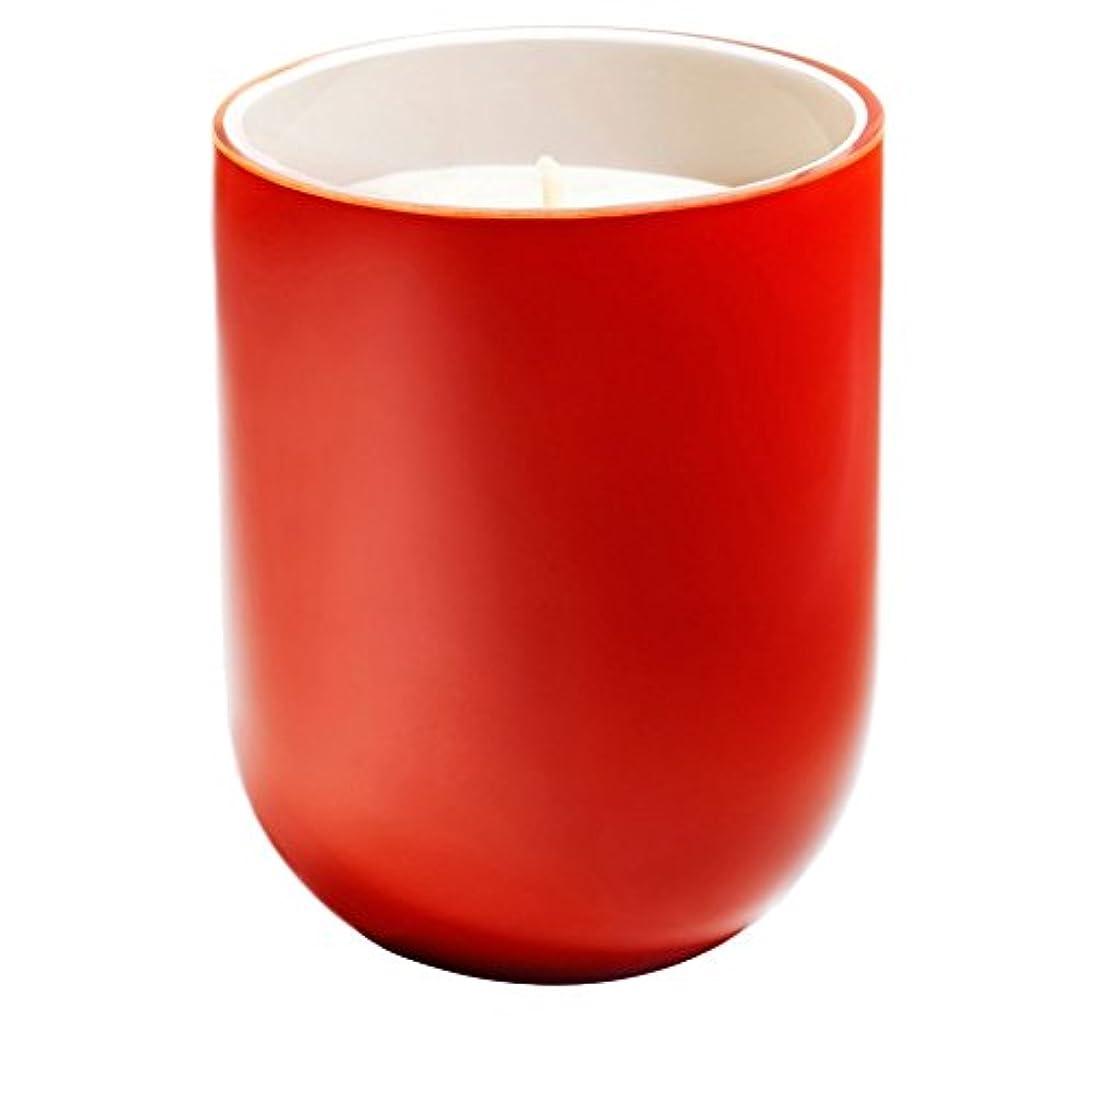 明らかにする上流のサークルフレデリック?マルプルミエ舞香りのキャンドル x6 - Frederic Malle 1er Mai Scented Candle (Pack of 6) [並行輸入品]